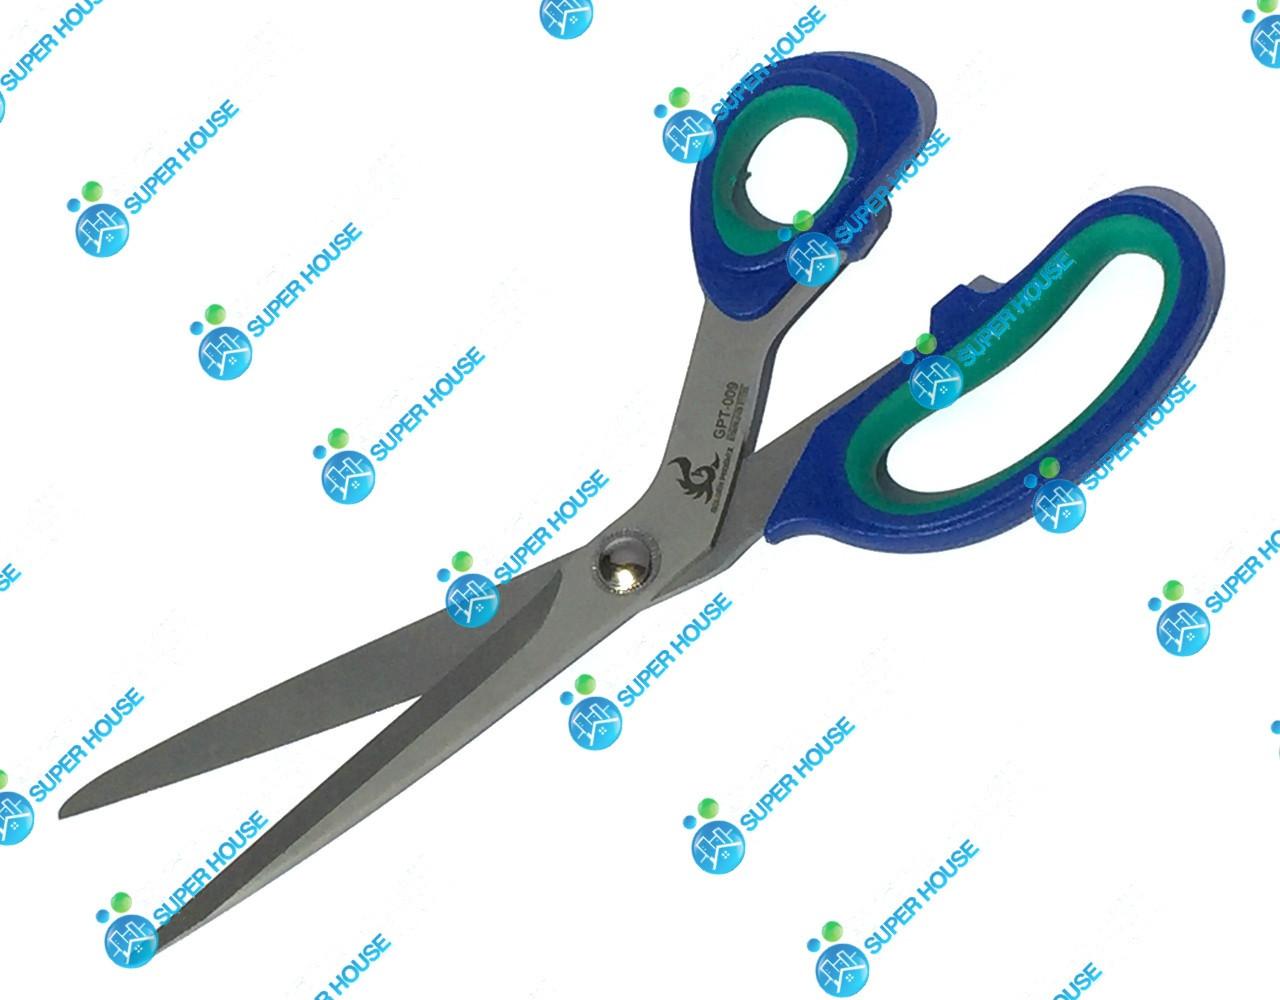 Ножницы Golden Phoenix универсальные 250мм Синий+Зелёный пластик